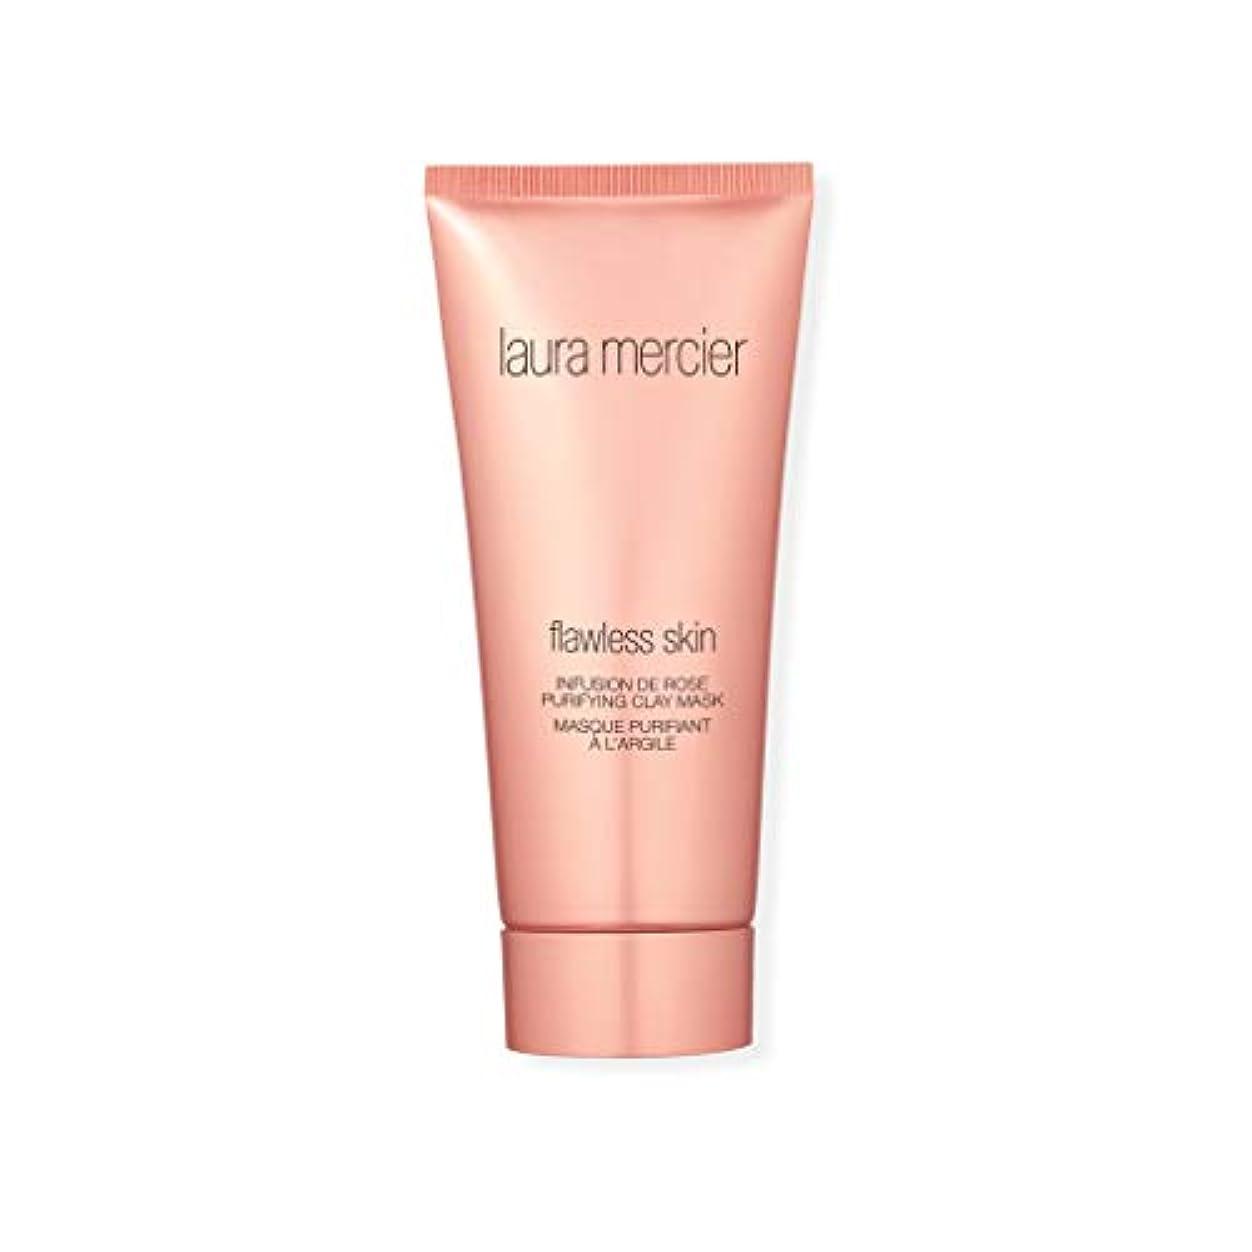 バルーン口径釈義ローラ メルシエ Flawless Skin Infusion De Rose Purifying Clay Mask 75g/2.5oz並行輸入品